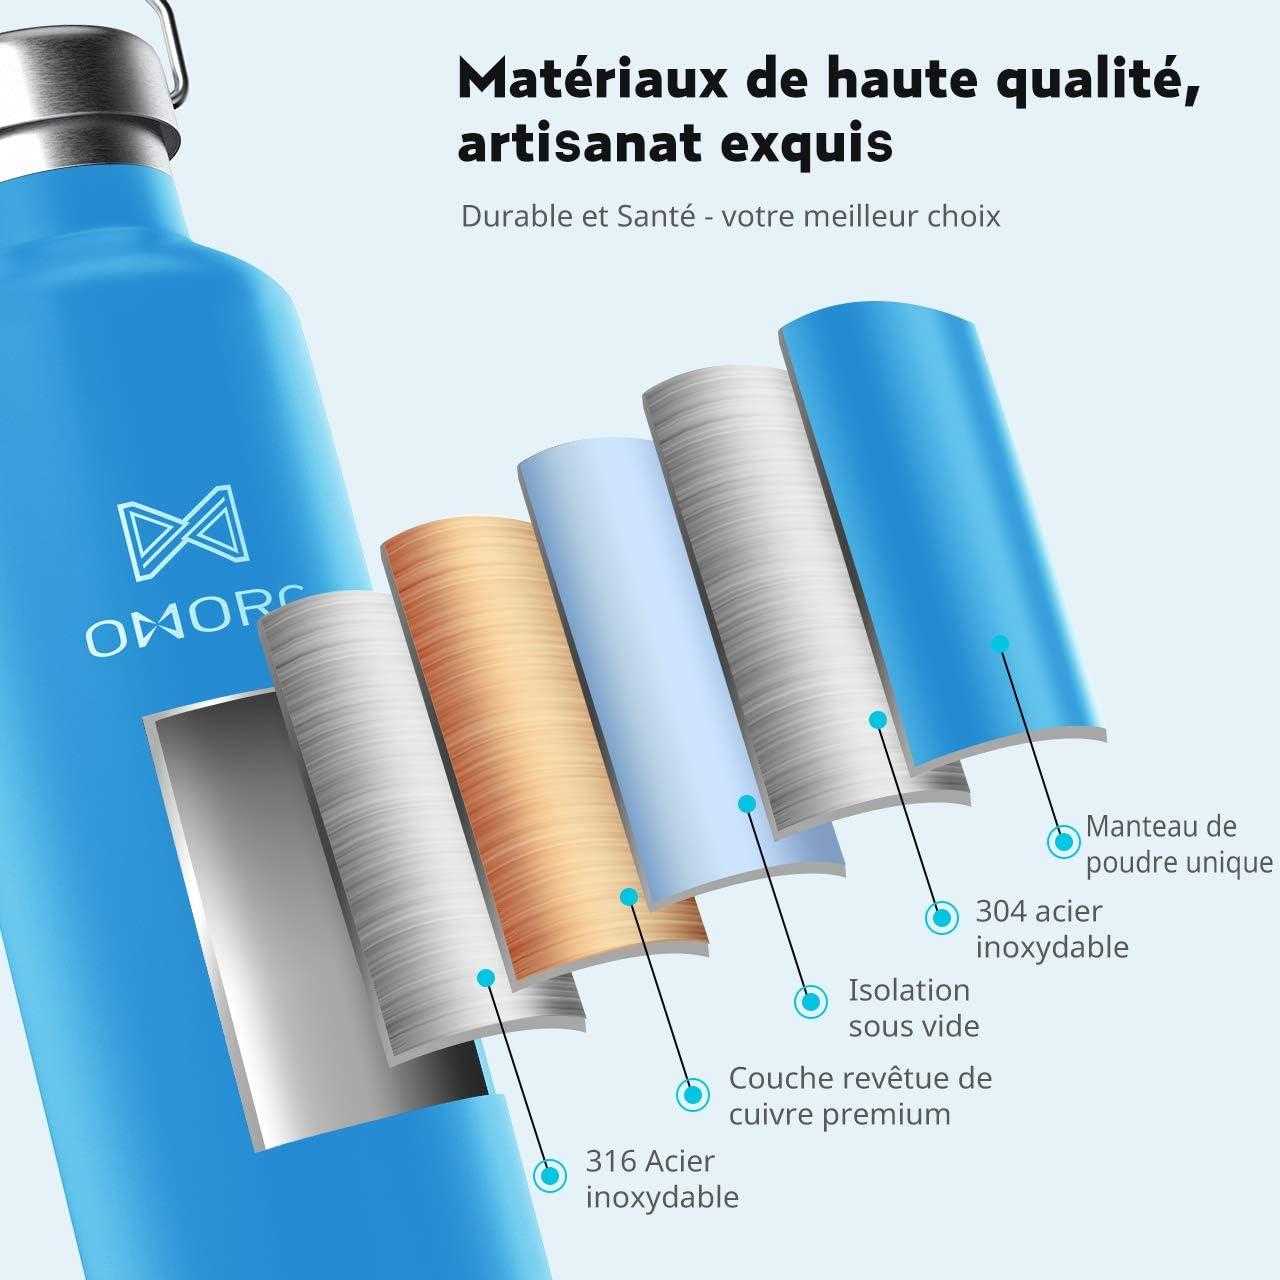 OMORC Bouteille deau Isol/ée par Vide dair en Acier Inoxydable 600ML Anti-Condensation,Bouteille Isotherme R/éutilisable sans BPA,Conserver Froid 28H et Chaud14H,2 Bouchons Interchangeables